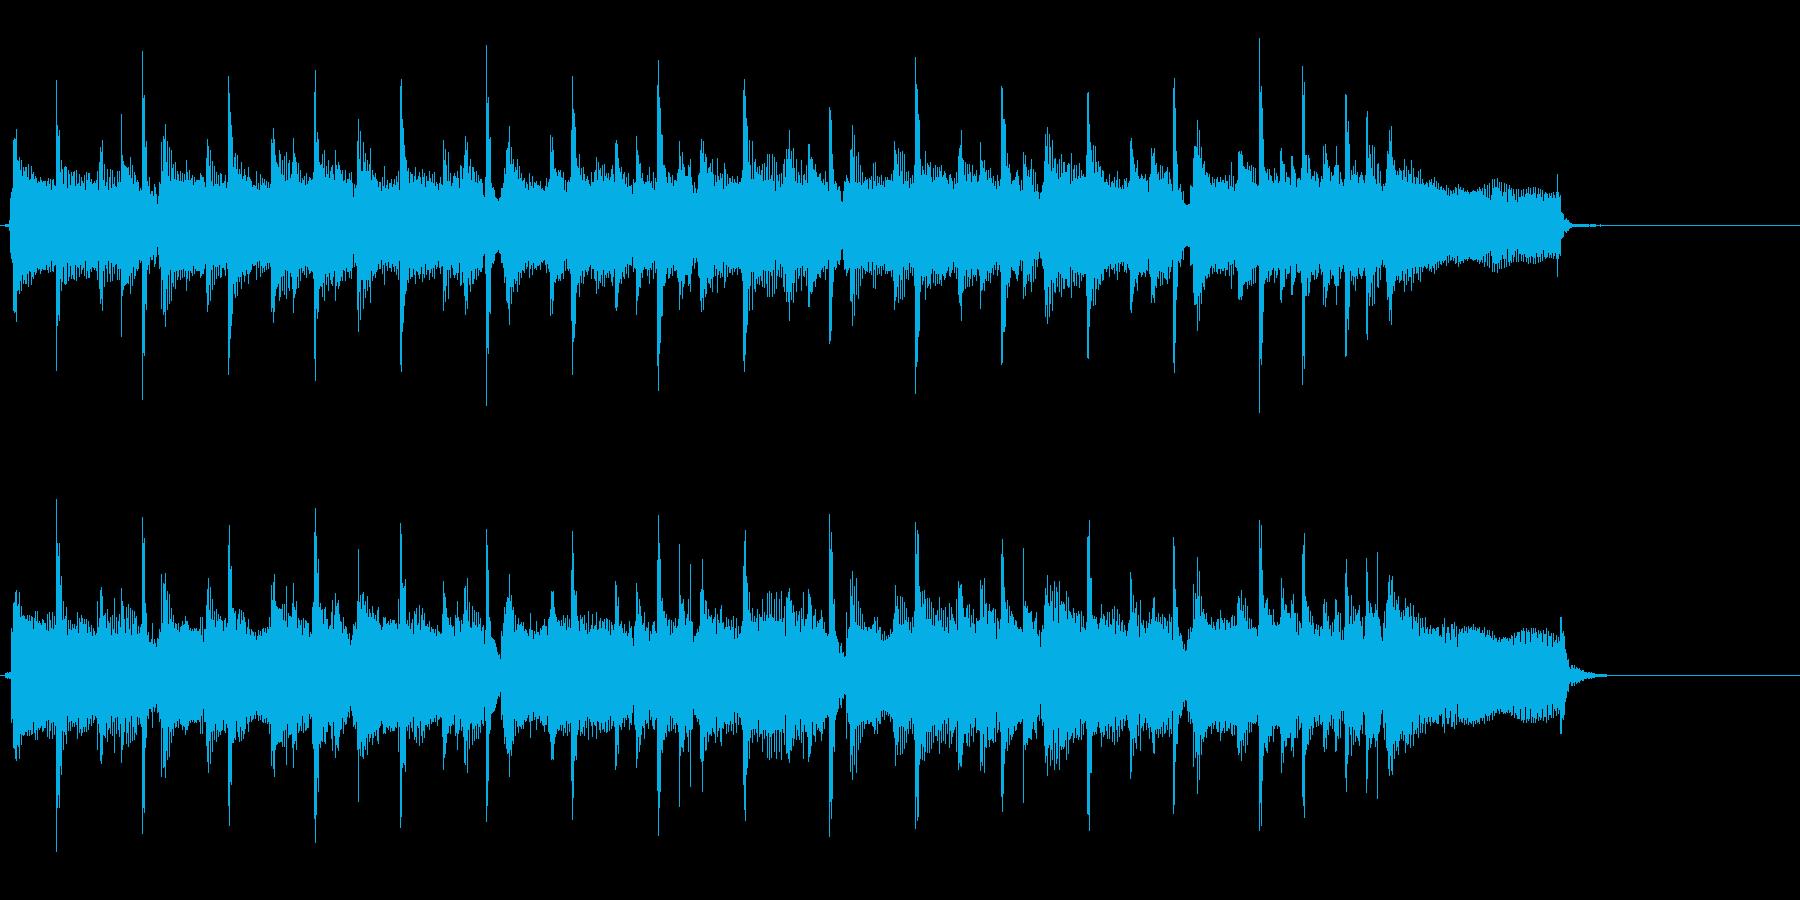 主張しすぎないロック系ジングル・キーEの再生済みの波形